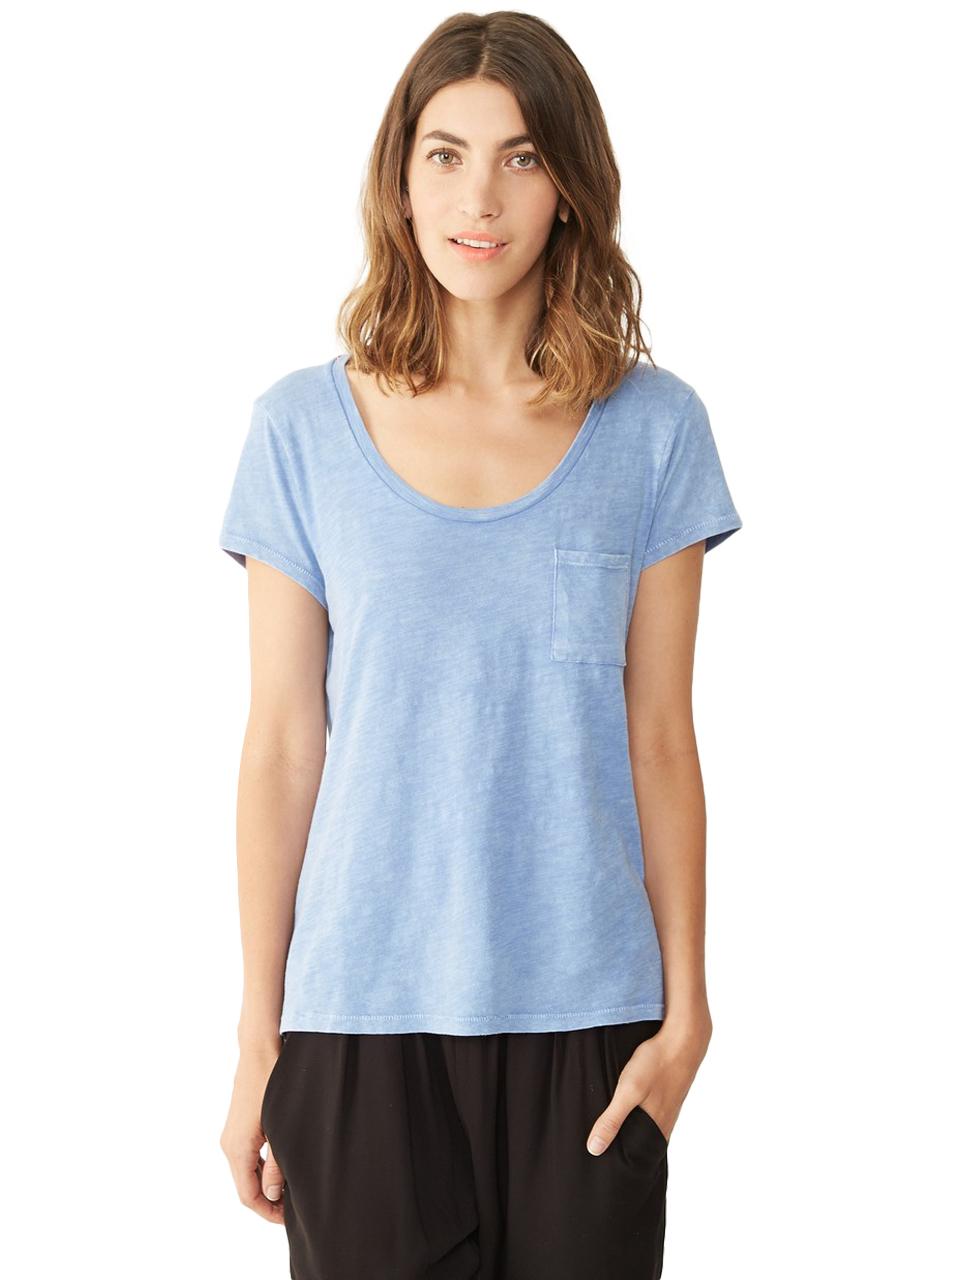 Lyst alternative apparel favorite slub t shirt 12412j1 for What is a slub shirt